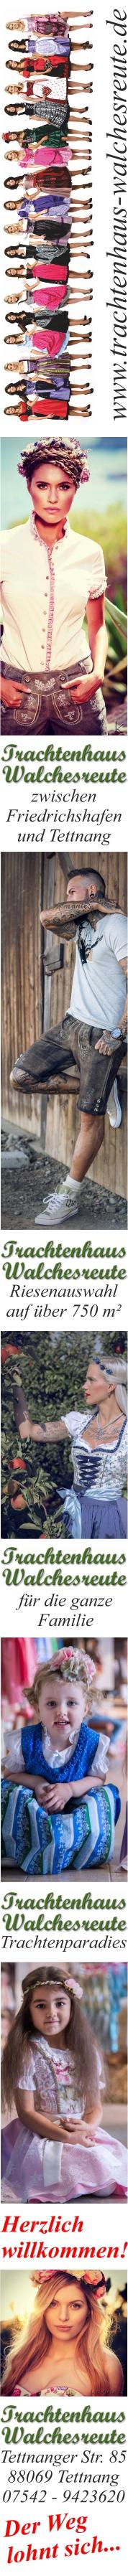 Trachtenhaus-Walchesreute